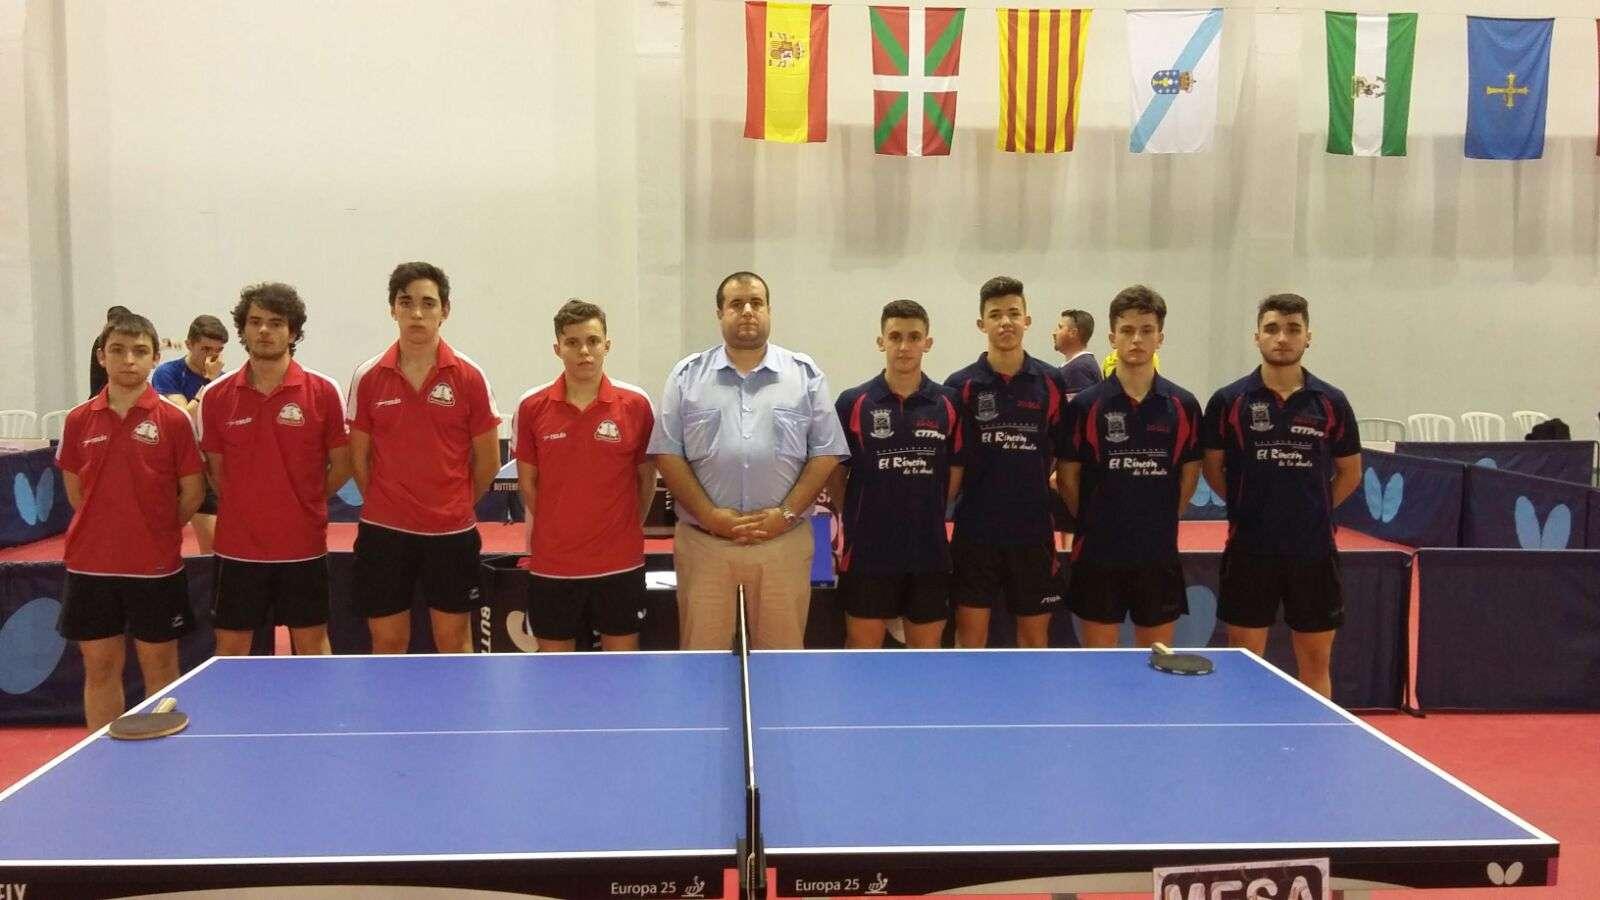 Campionats Espanya Antequera 2018